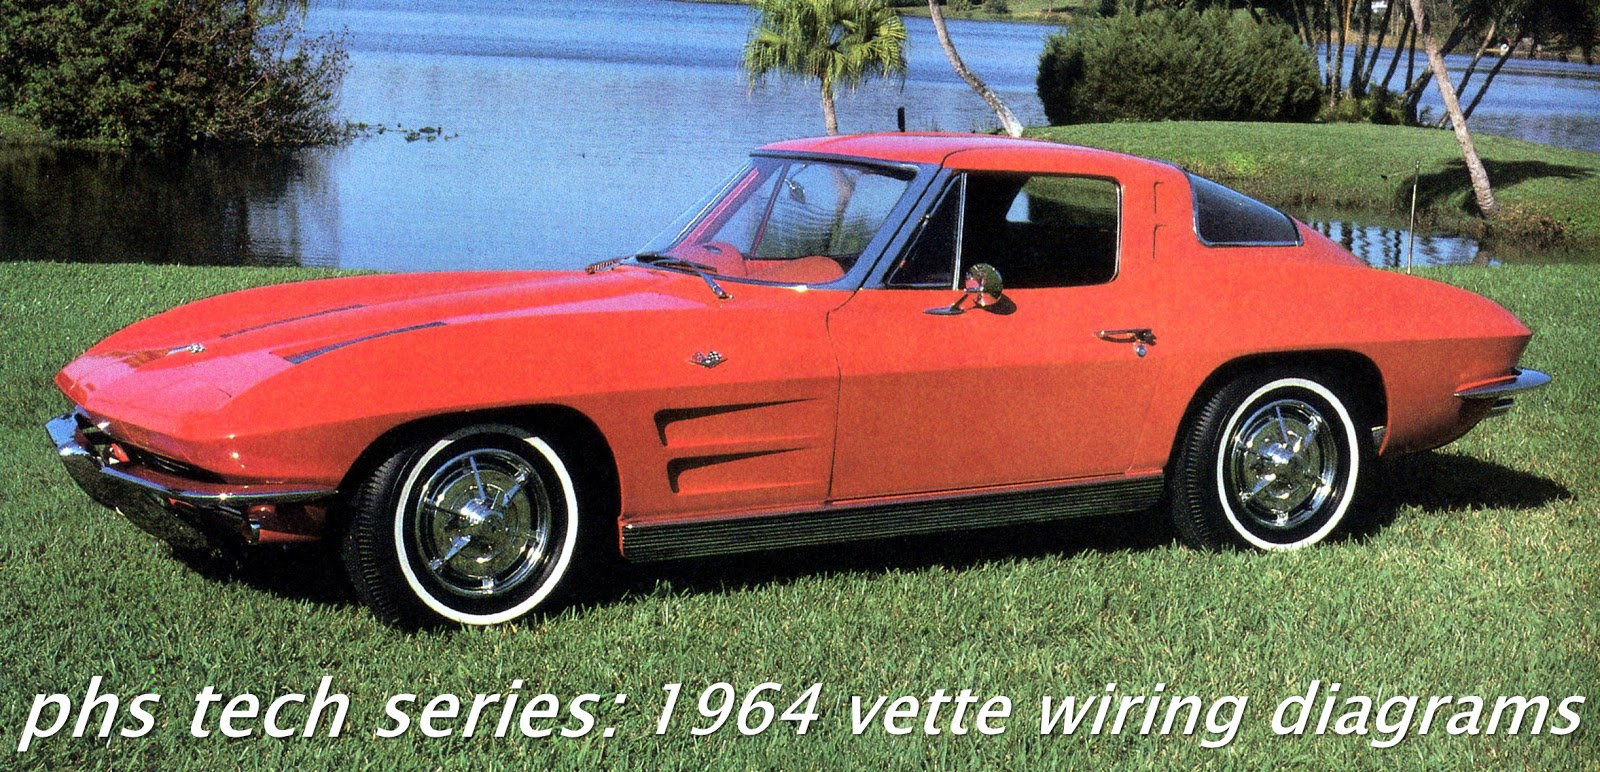 wiring diagrams cars phscollectorcarworld phs tech series 1964 corvette wiring diagrams  1964 corvette wiring diagrams